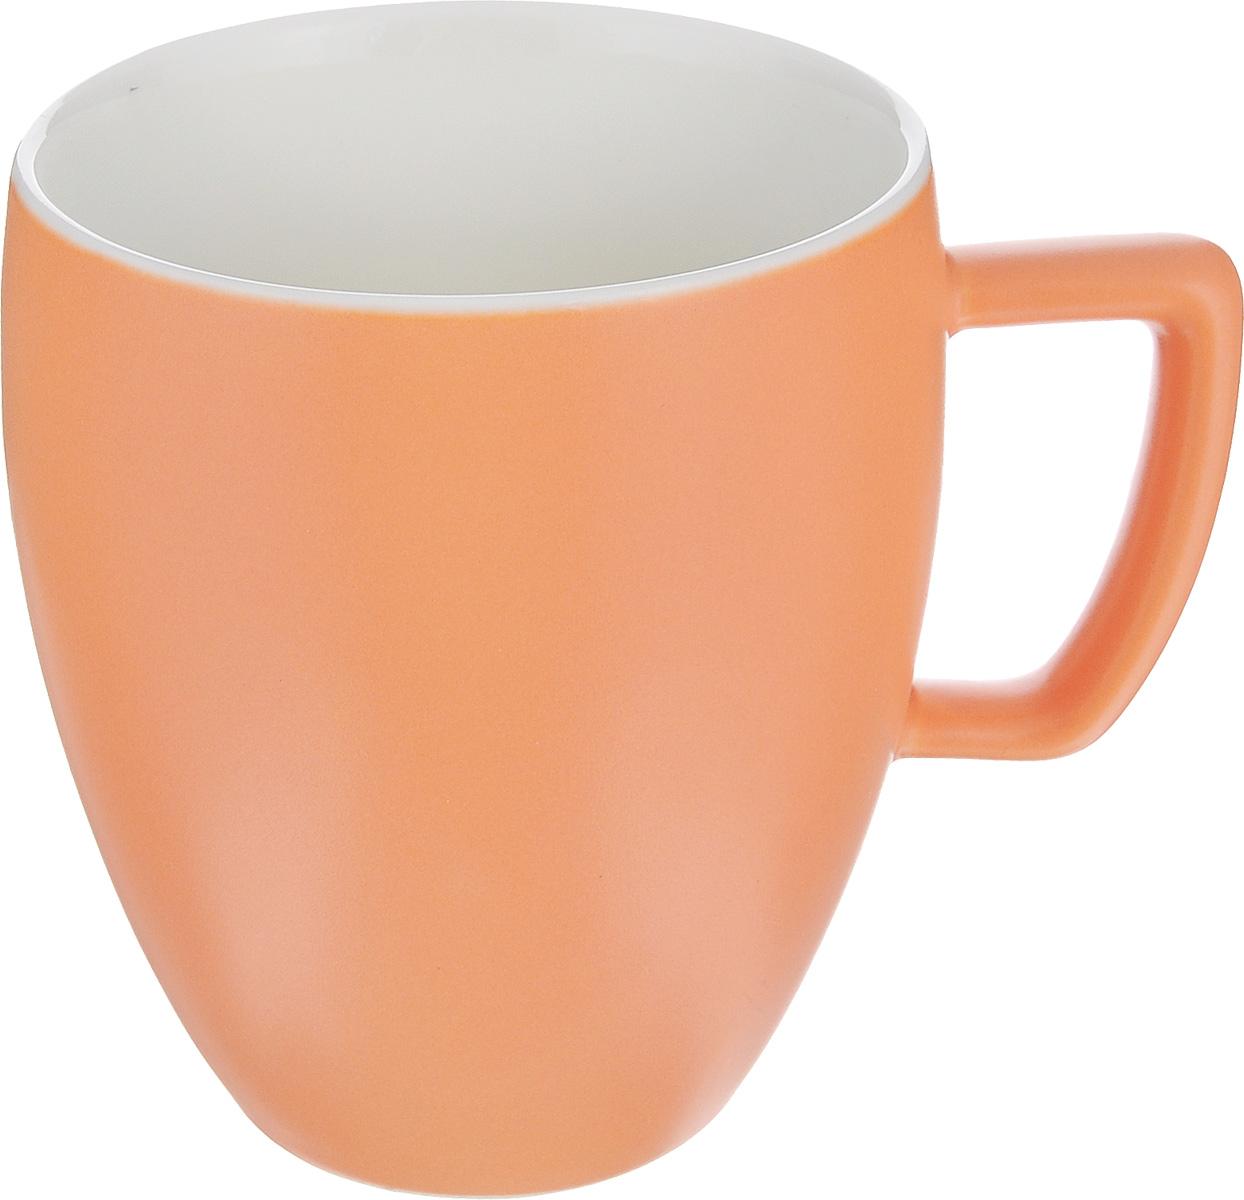 Кружка Tescoma Crema Tone, цвет: оранжевый, 300 мл387146_оранжевыйКружка Tescoma Crema Tone, изготовленная из высококачественного фарфора, прекрасно дополнит интерьер вашей кухни. Изящный дизайн кружки придется по вкусу и ценителям классики, и тем, кто предпочитает утонченность и изысканность. Кружка Tescoma Crema Tone станет хорошим подарком к любому празднику. Диаметр (по верхнему краю): 8 см.Высота: 10 см.